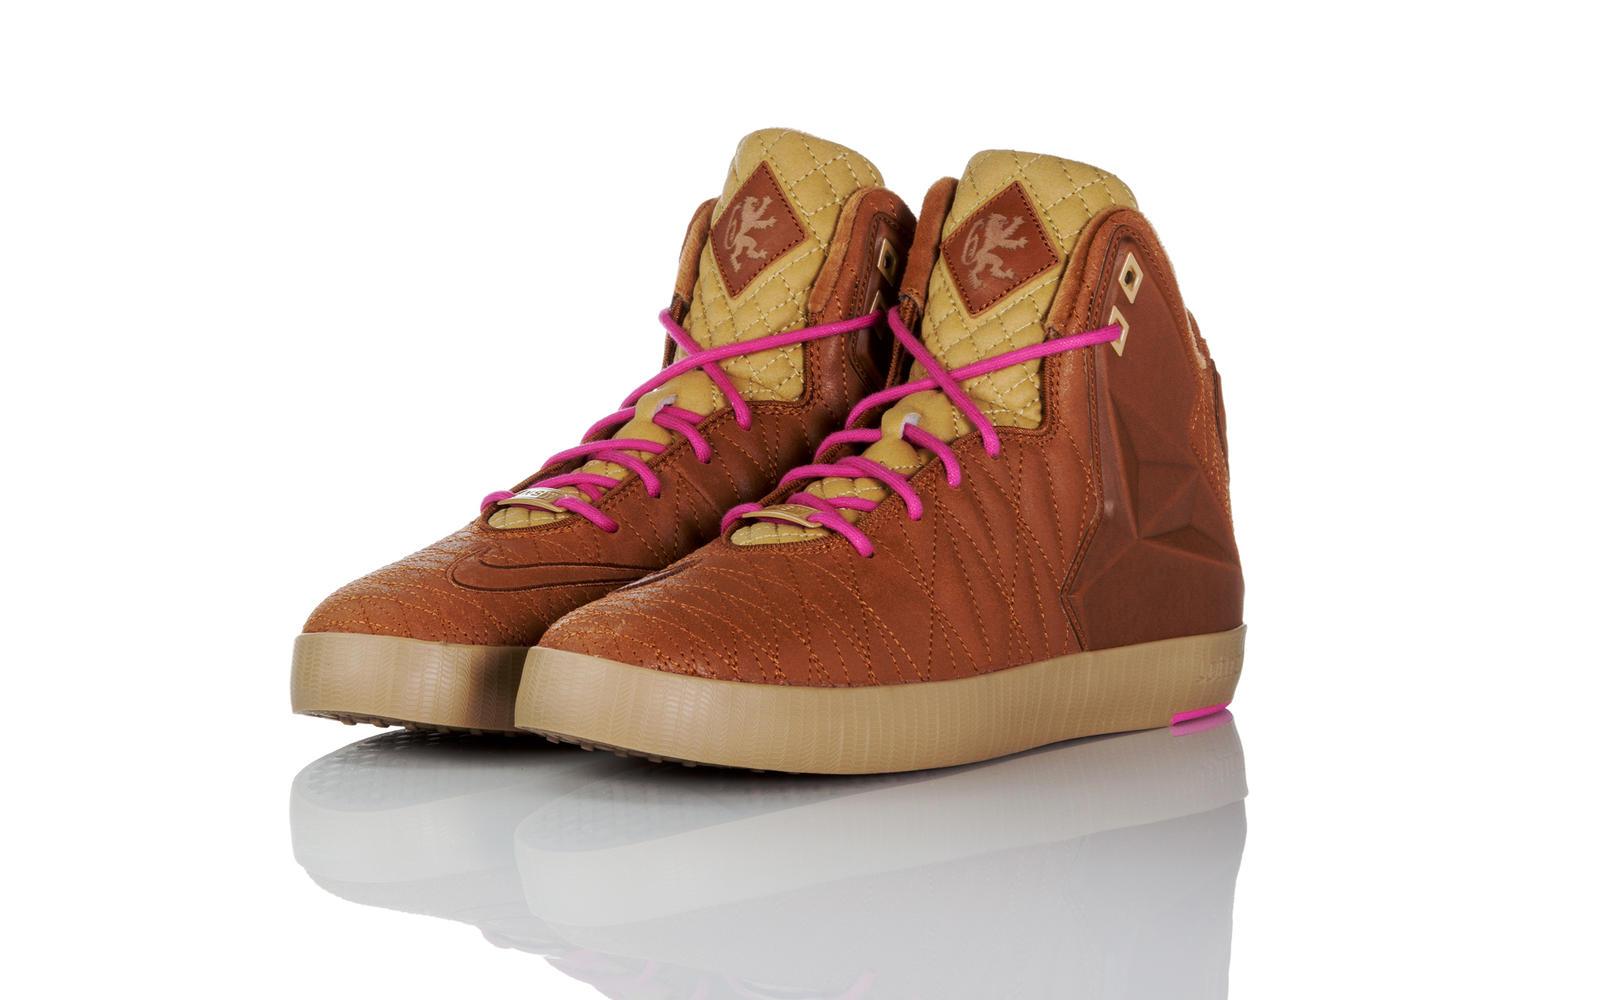 Nike Lebron 11 Lifestyle